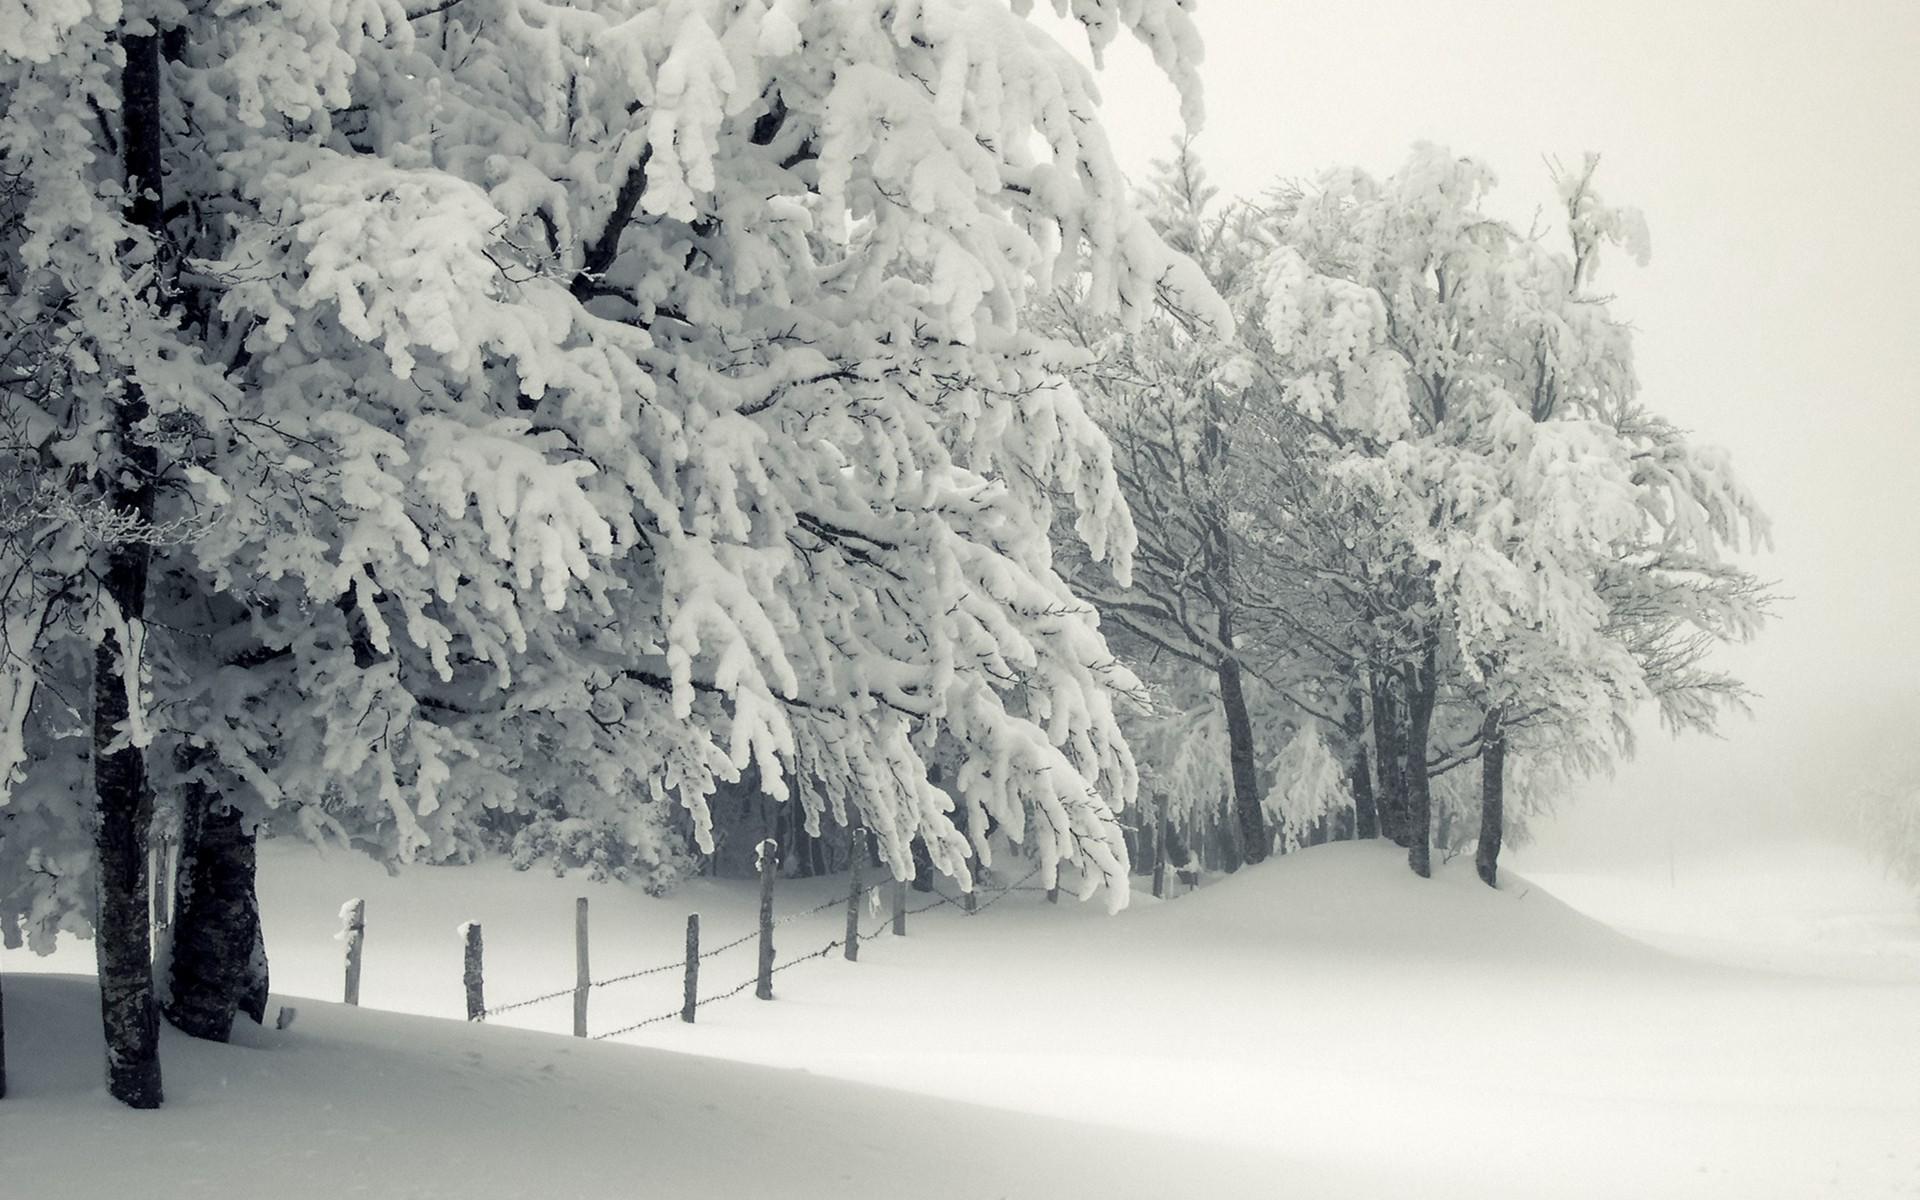 Sfondi Desktop Hd Natale Gratis Neve Sfondi Hd Gratis